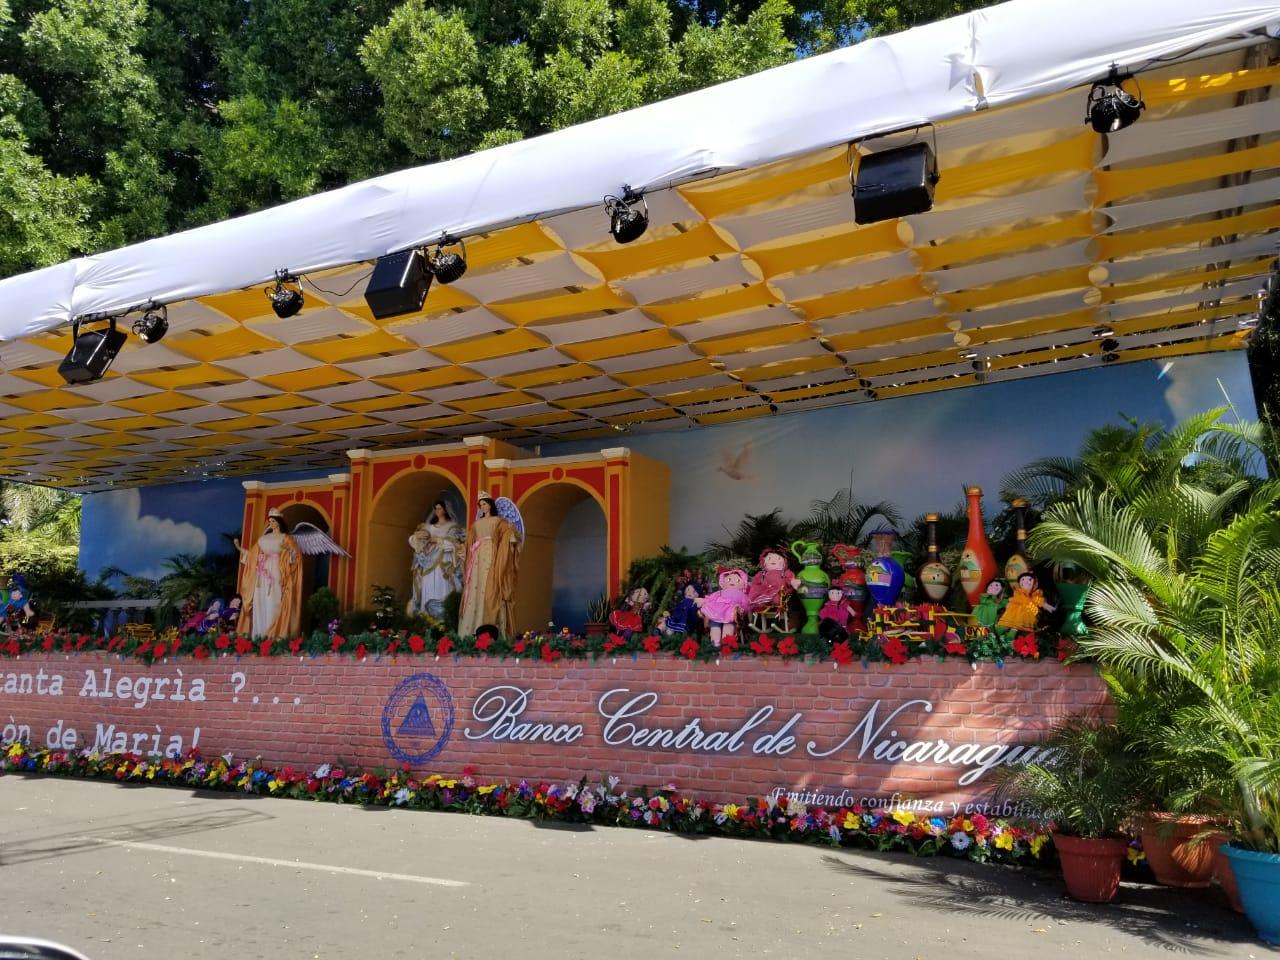 El altar del Banco Central de Nicaragua está instalado en la Avenida Bolívar, pero en el presupuesto de la institución no fue reportado el gasto. Foto: A. Navarro / Artículo 66